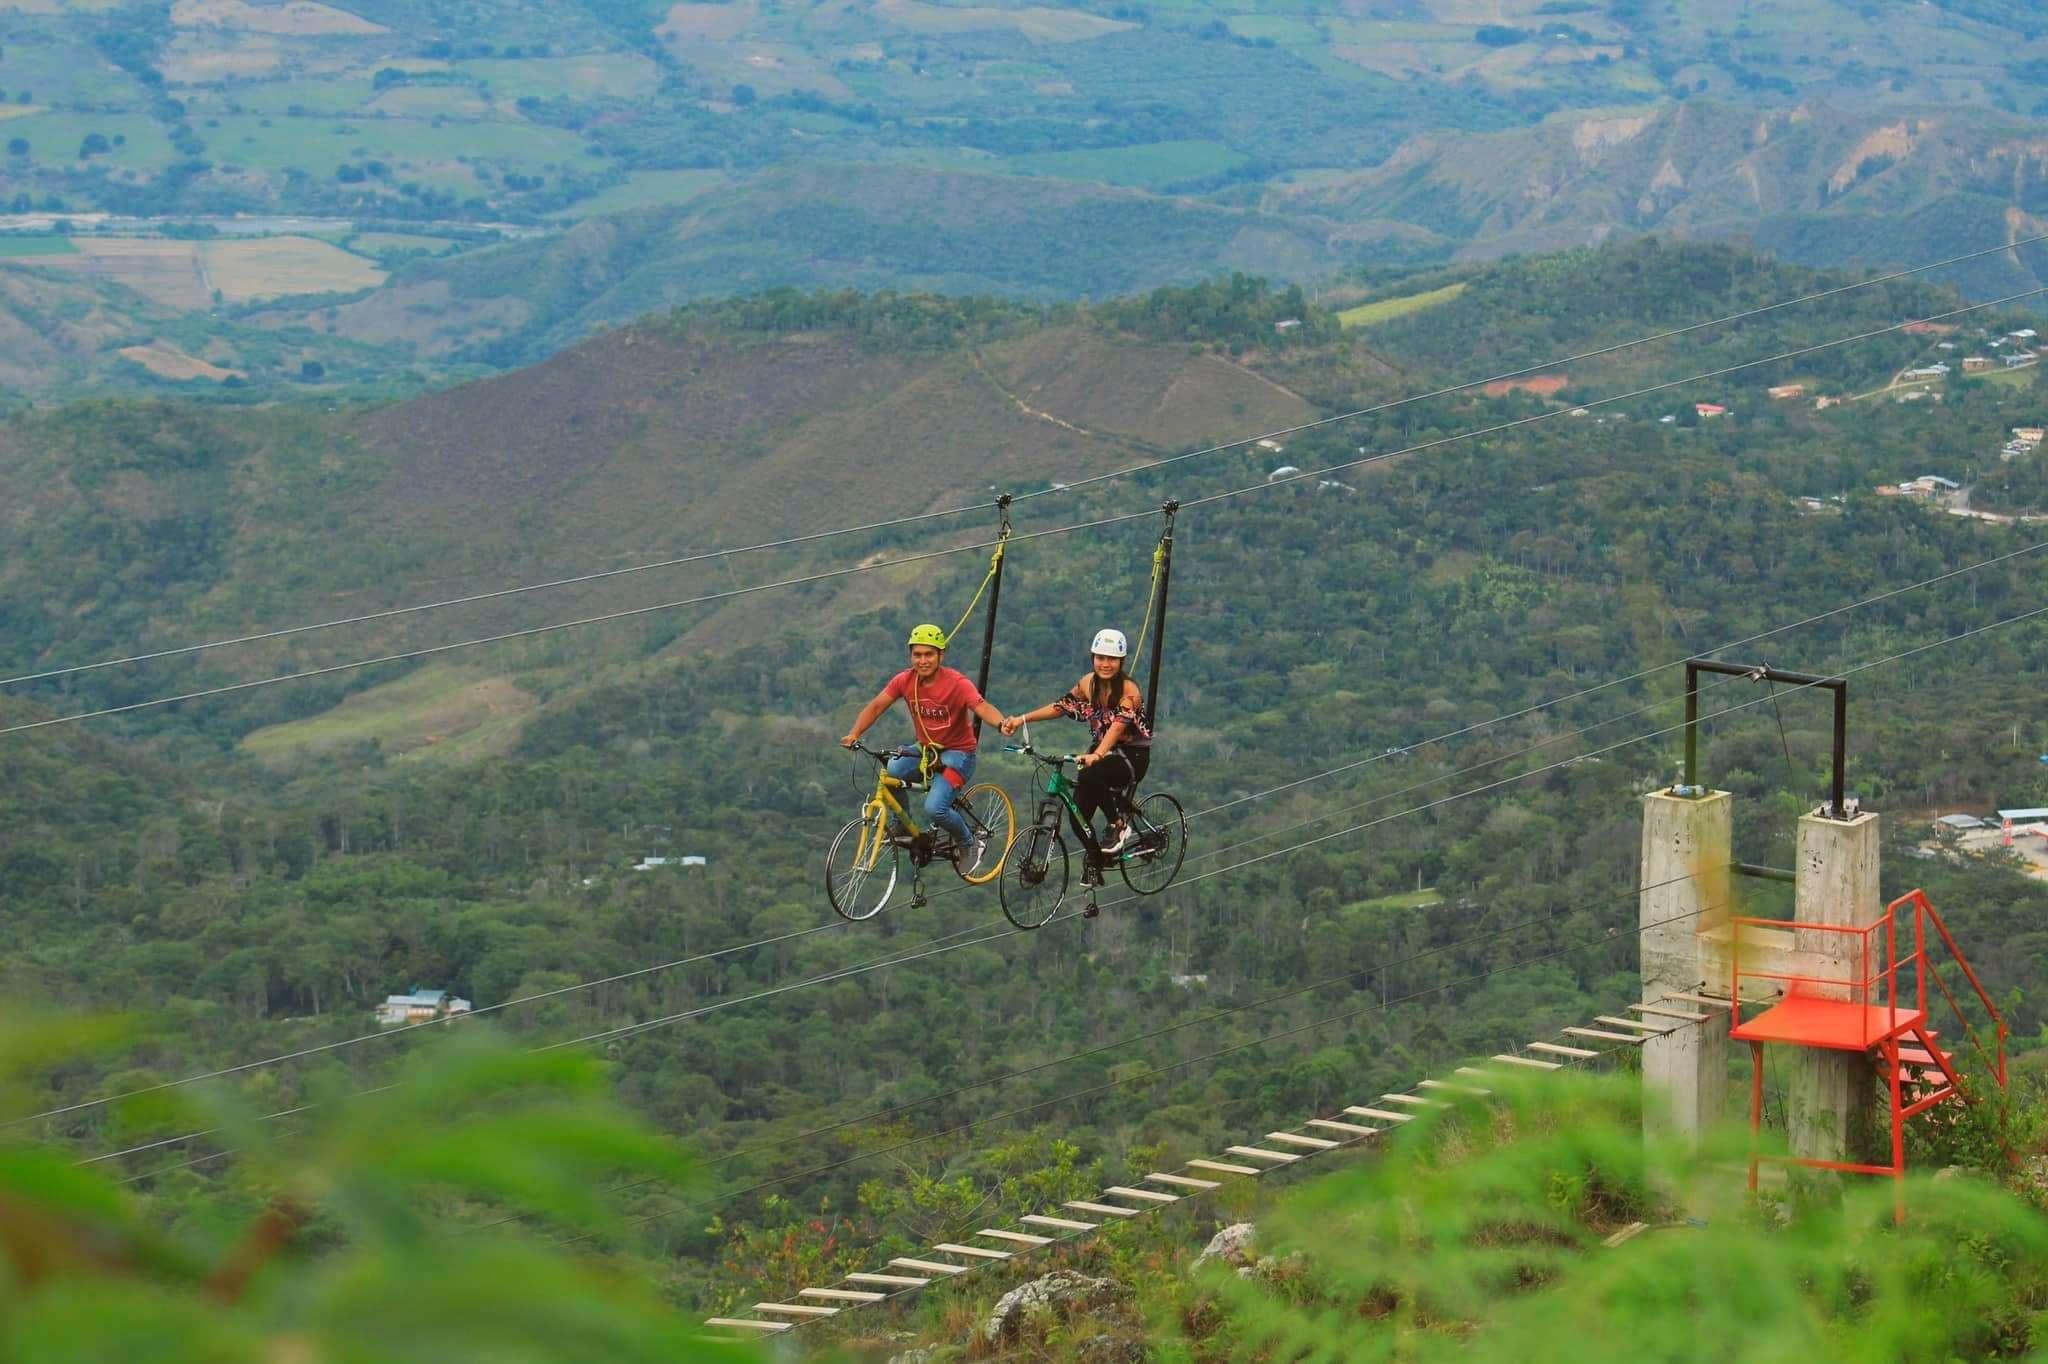 Lugares turísticos de Cajamarca: San Ignacio.